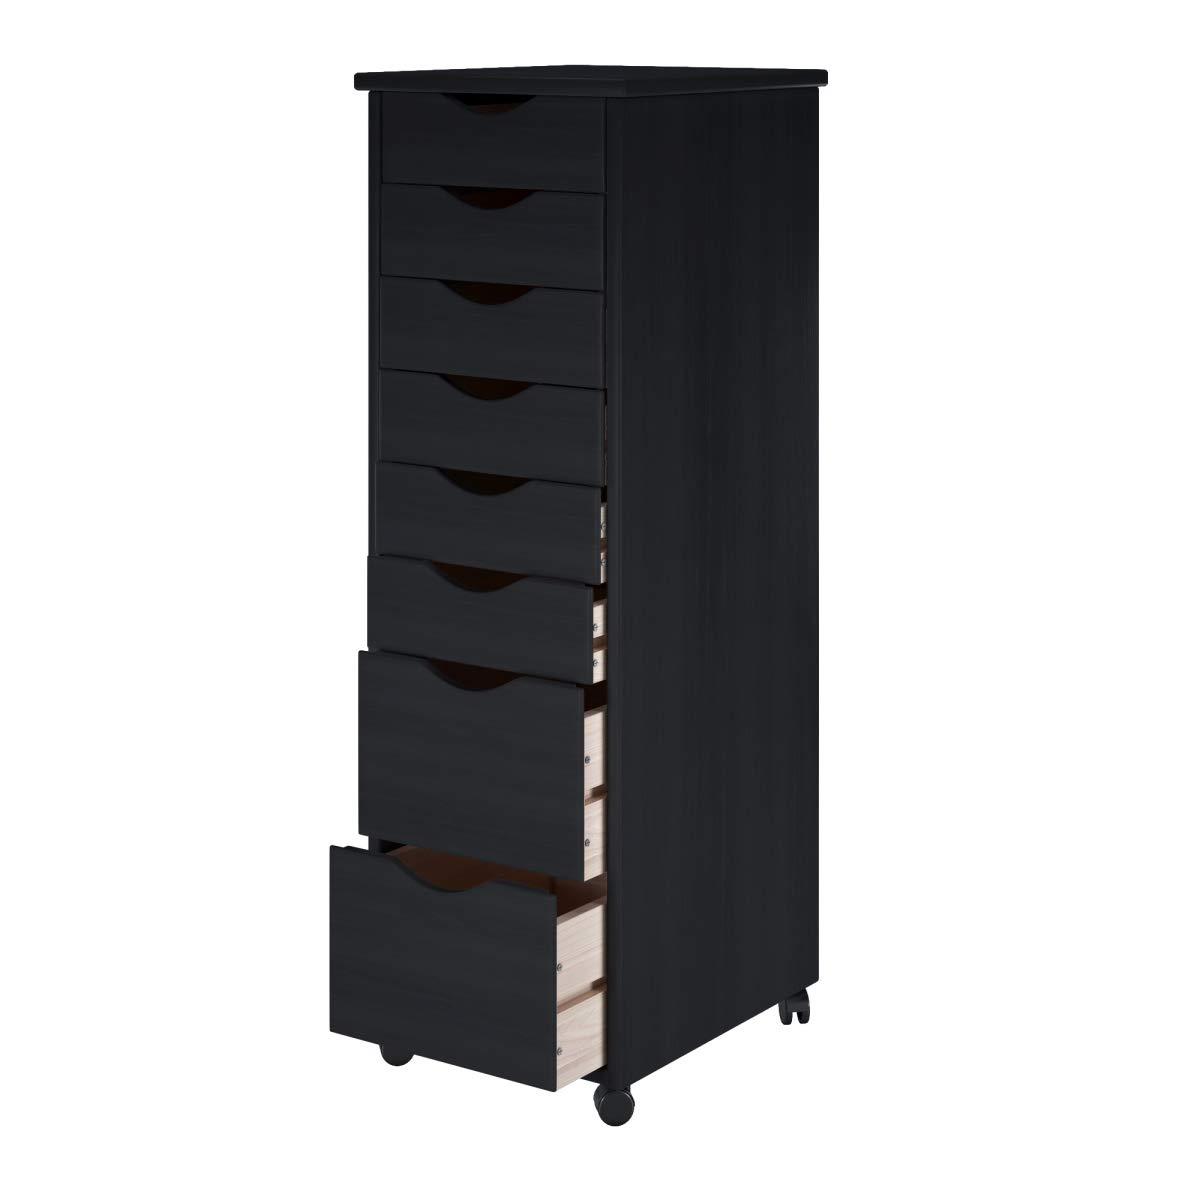 Adeptus USA 76171 8 x 11 in. 6 Plus 2 Drawer Roll Cart44; Black by Adeptus USA